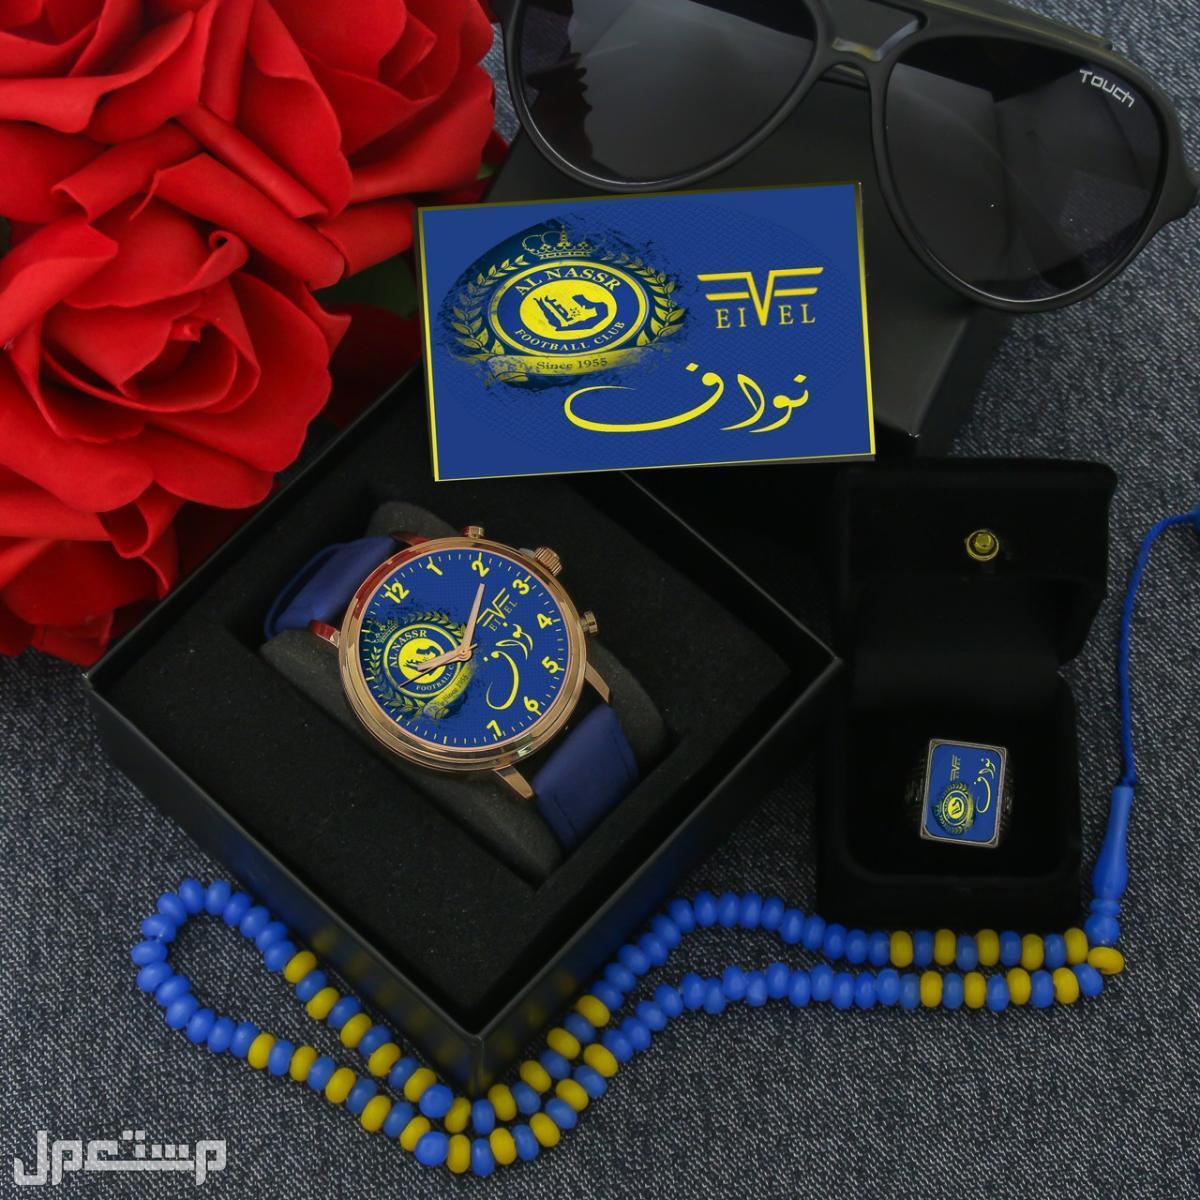 اطقم ساعات اندية بالاسم وشعار النادي الي تبية